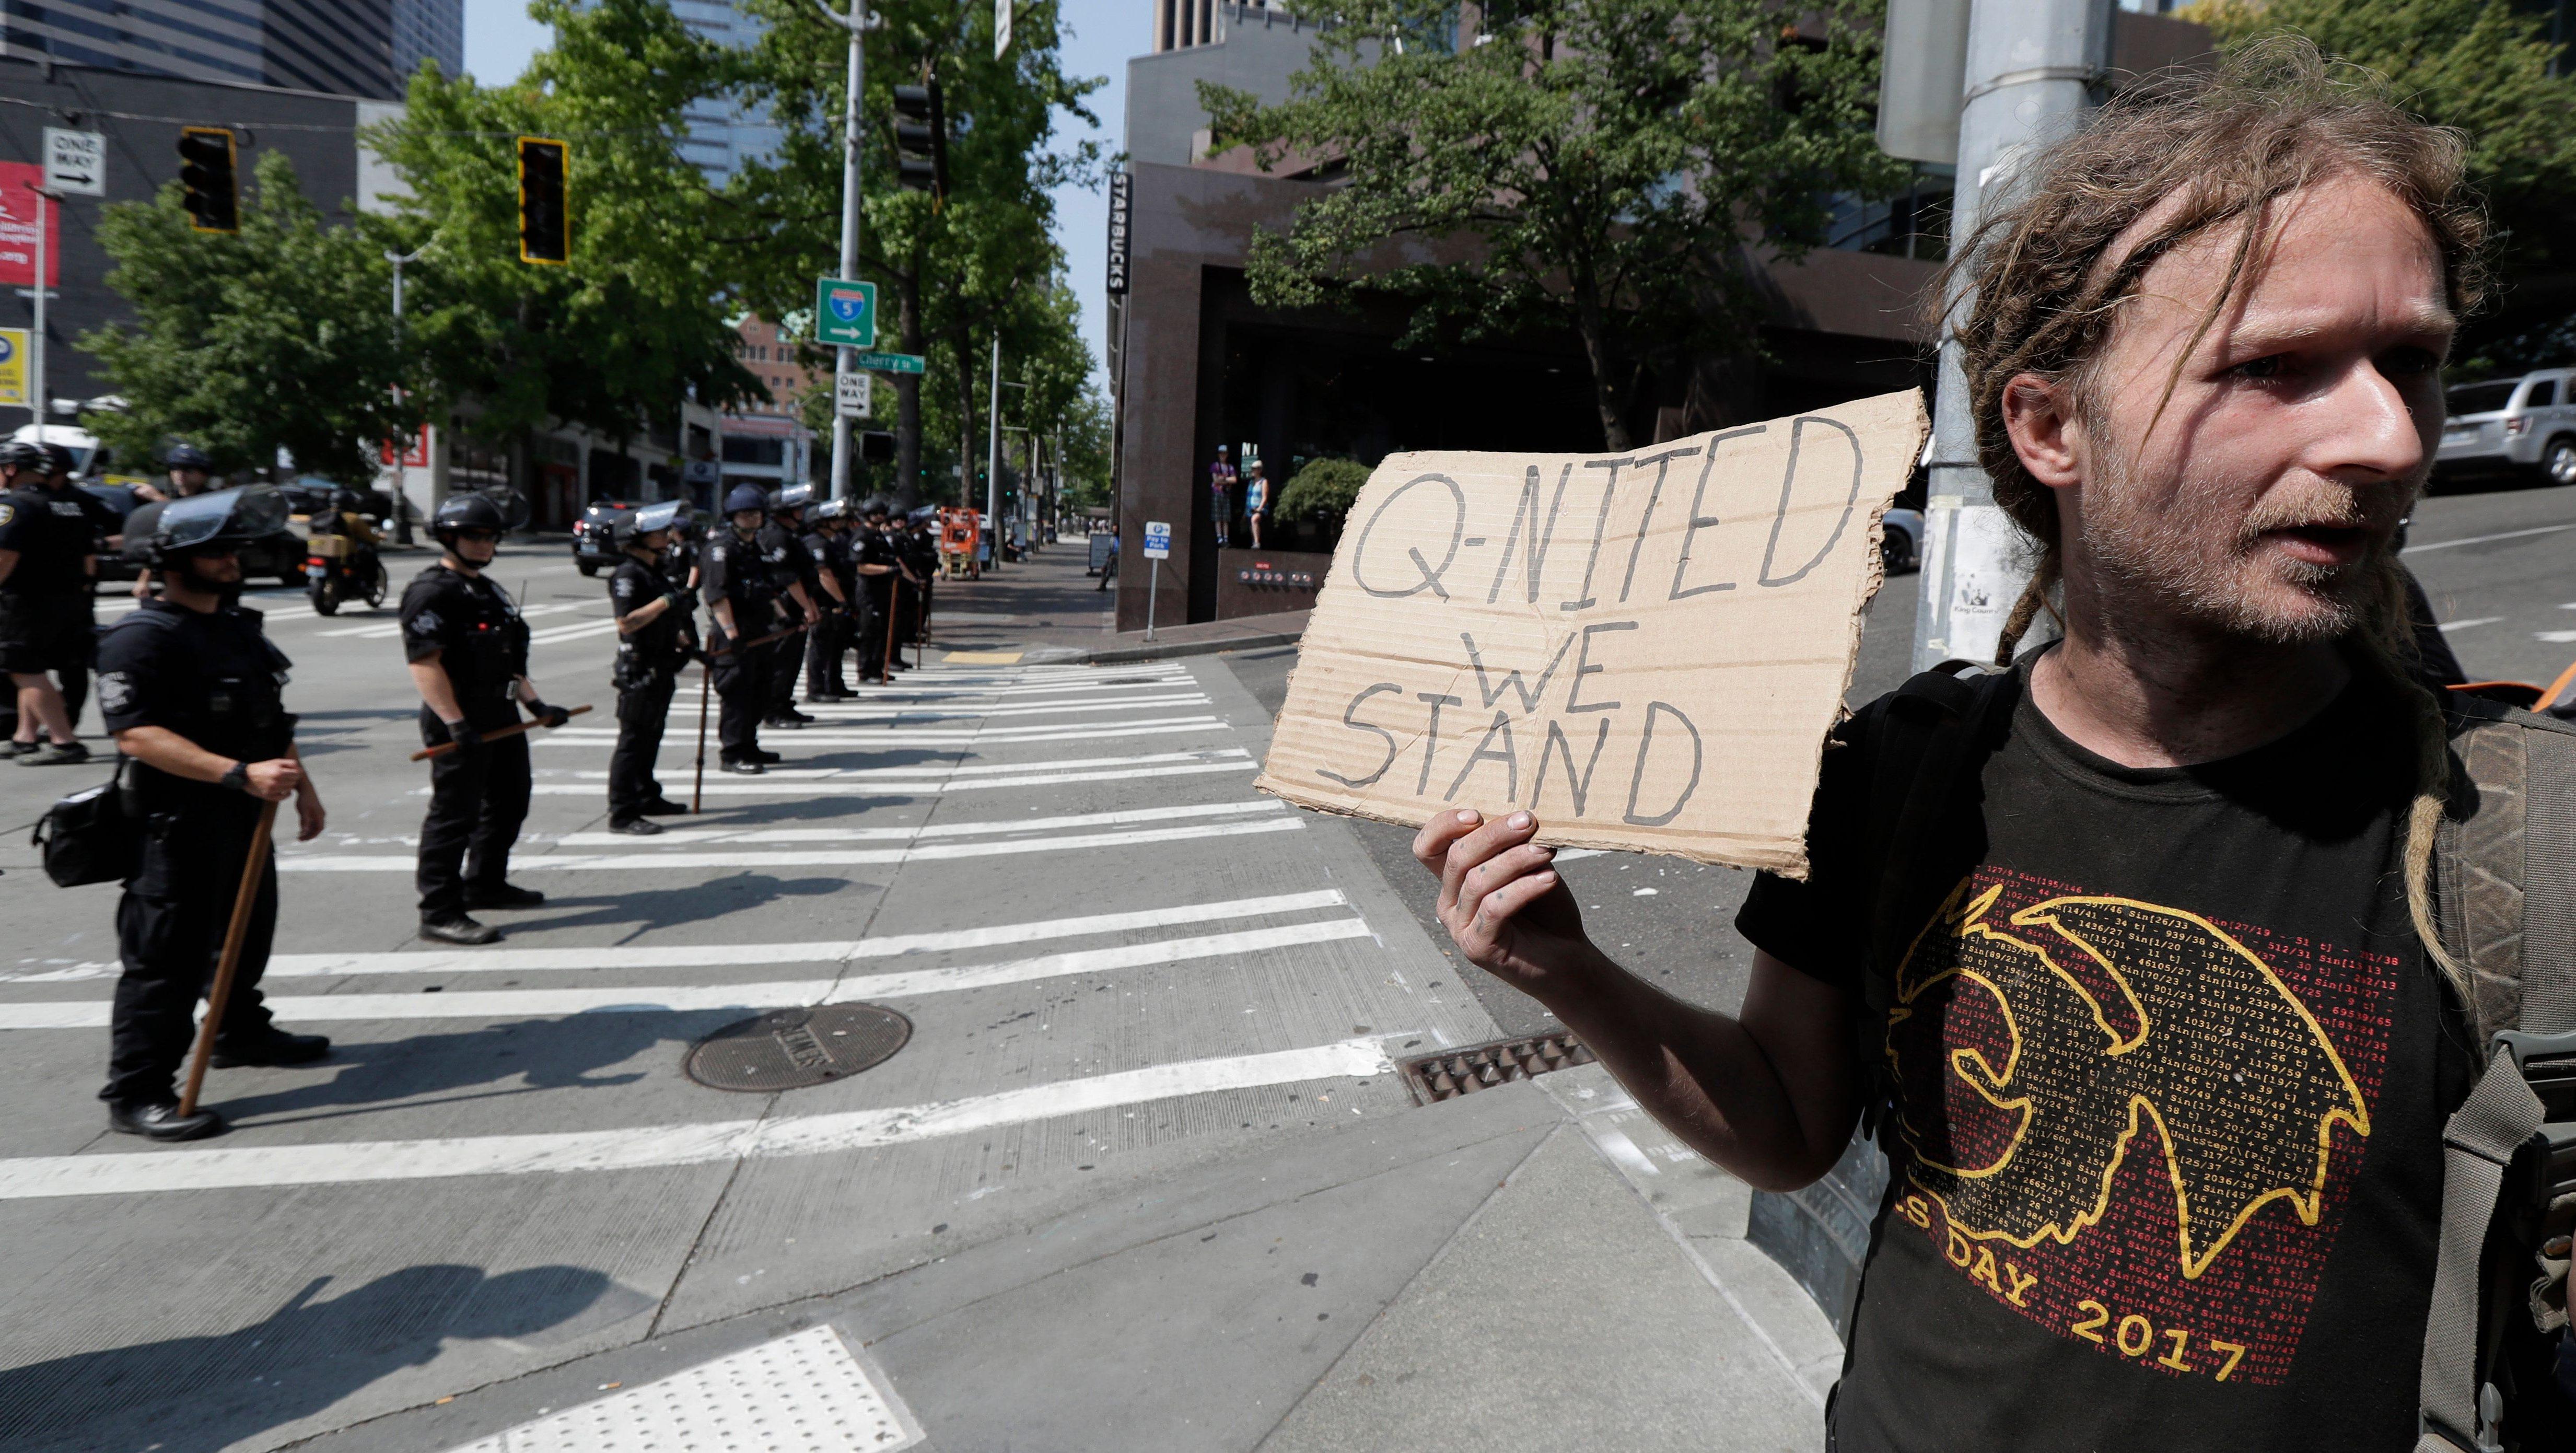 Maior comunidade de discussão sobre o #QAnon foi sumariamente banida do reddit